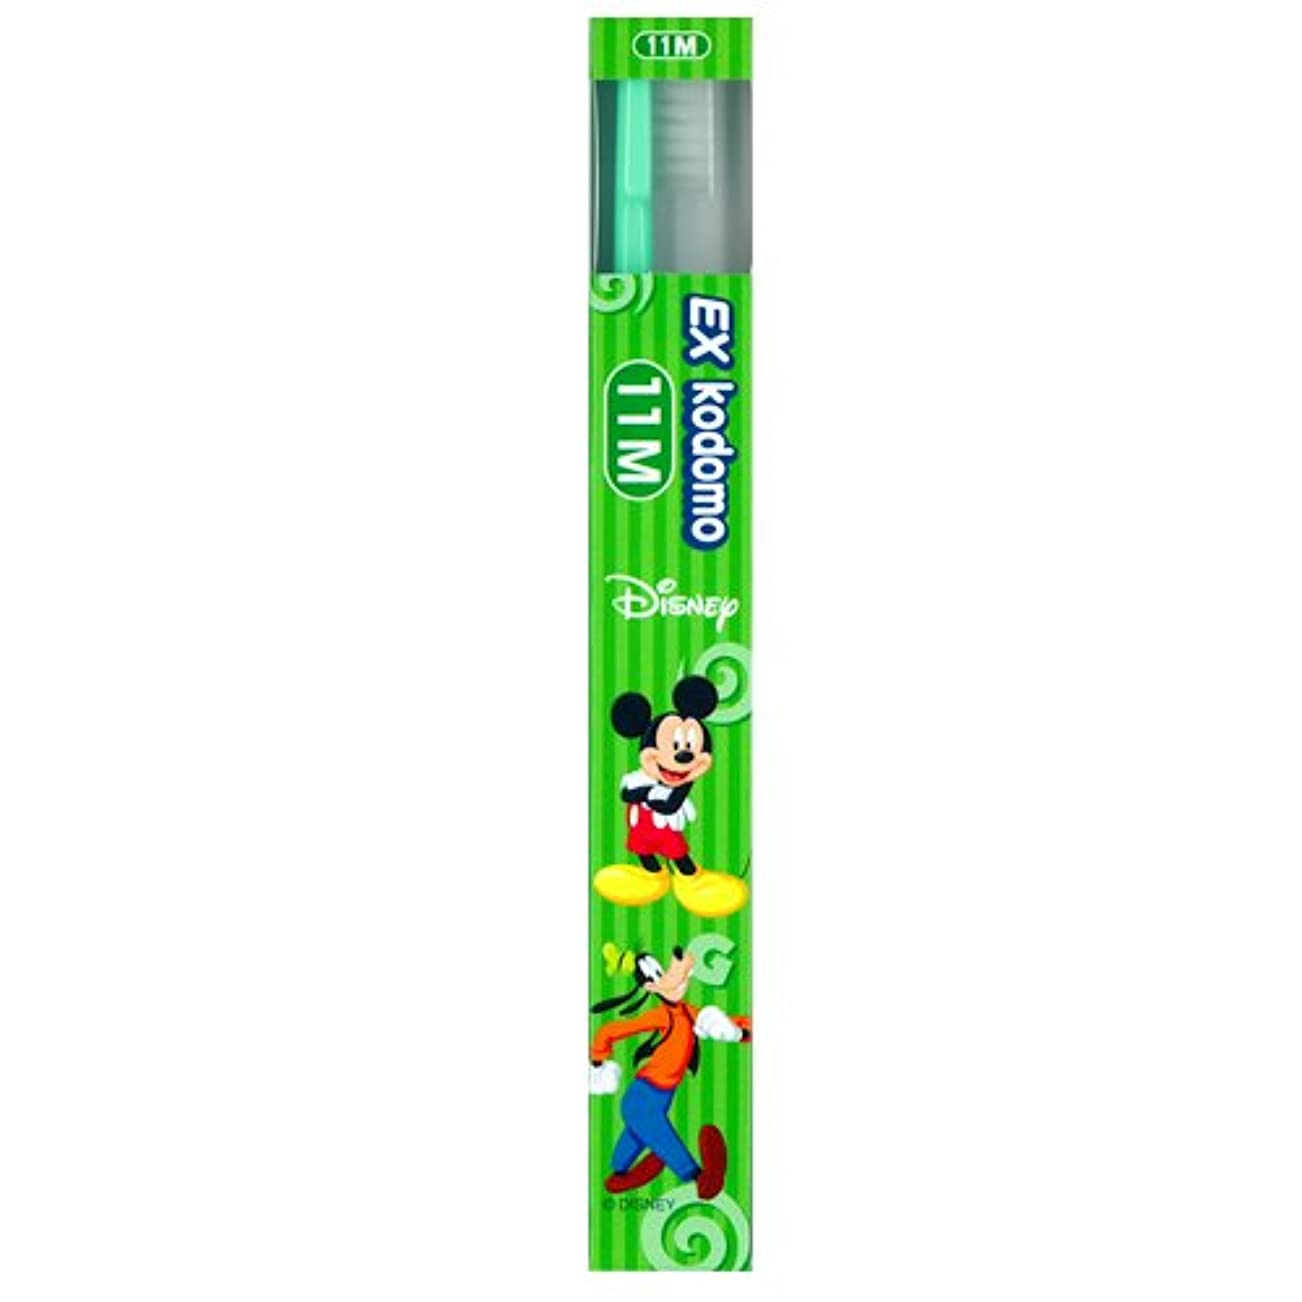 改修先見の明溶かすライオン EX kodomo ディズニー 歯ブラシ 1本 11M グリーン